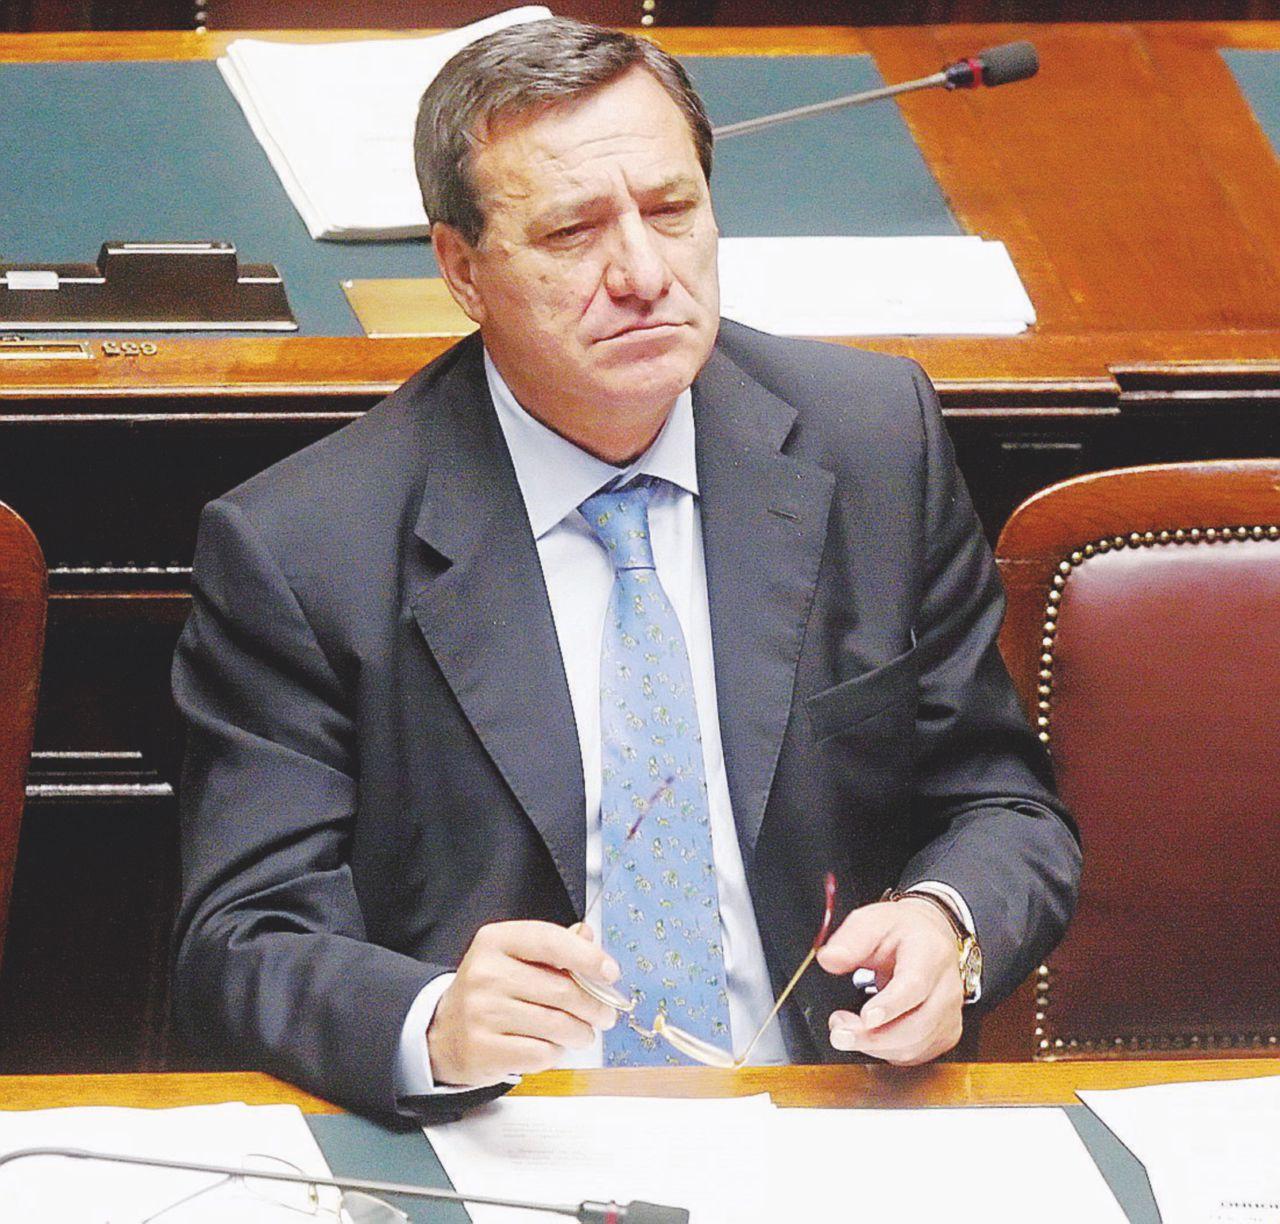 """Corruzione Roma, l'ex sottosegretario e l'incontro con Berlusconi: """"Sembravo io il Cavaliere e lui Lino Pizza, come leccava"""""""